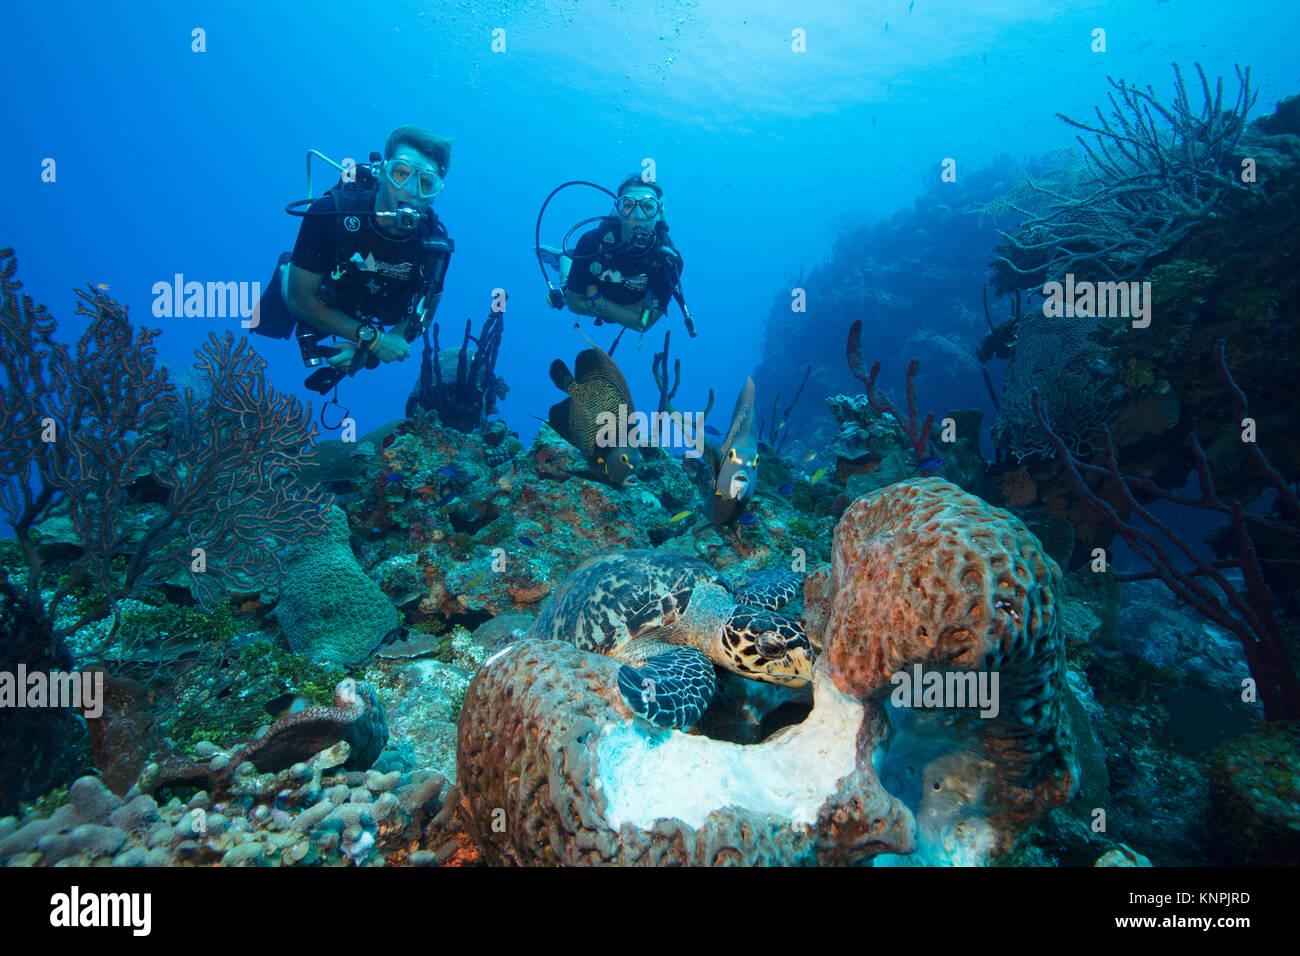 Taucher beobachten die Interaktion der verschiedenen Arten von Meerestieren, wie sie das Gleiche essen Quelle zuzugreifen. Stockfoto